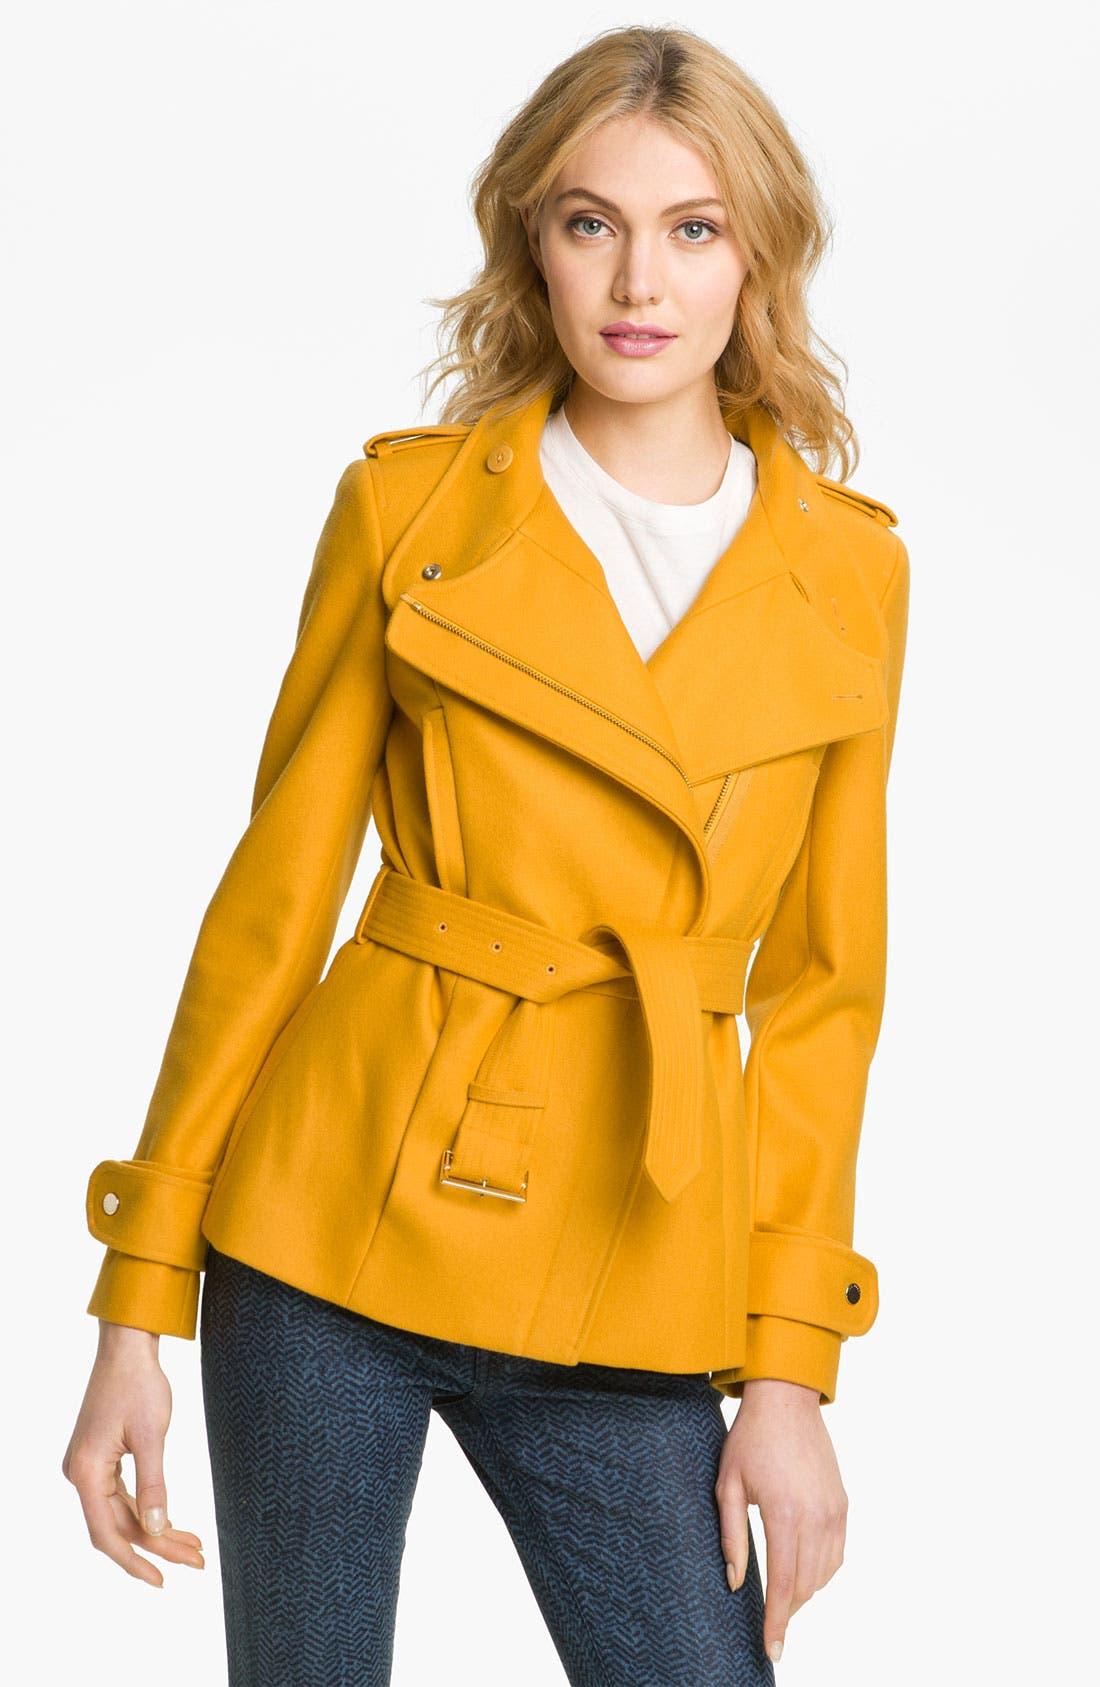 Alternate Image 1 Selected - Ted Baker London Funnel Neck Wool Blend Jacket